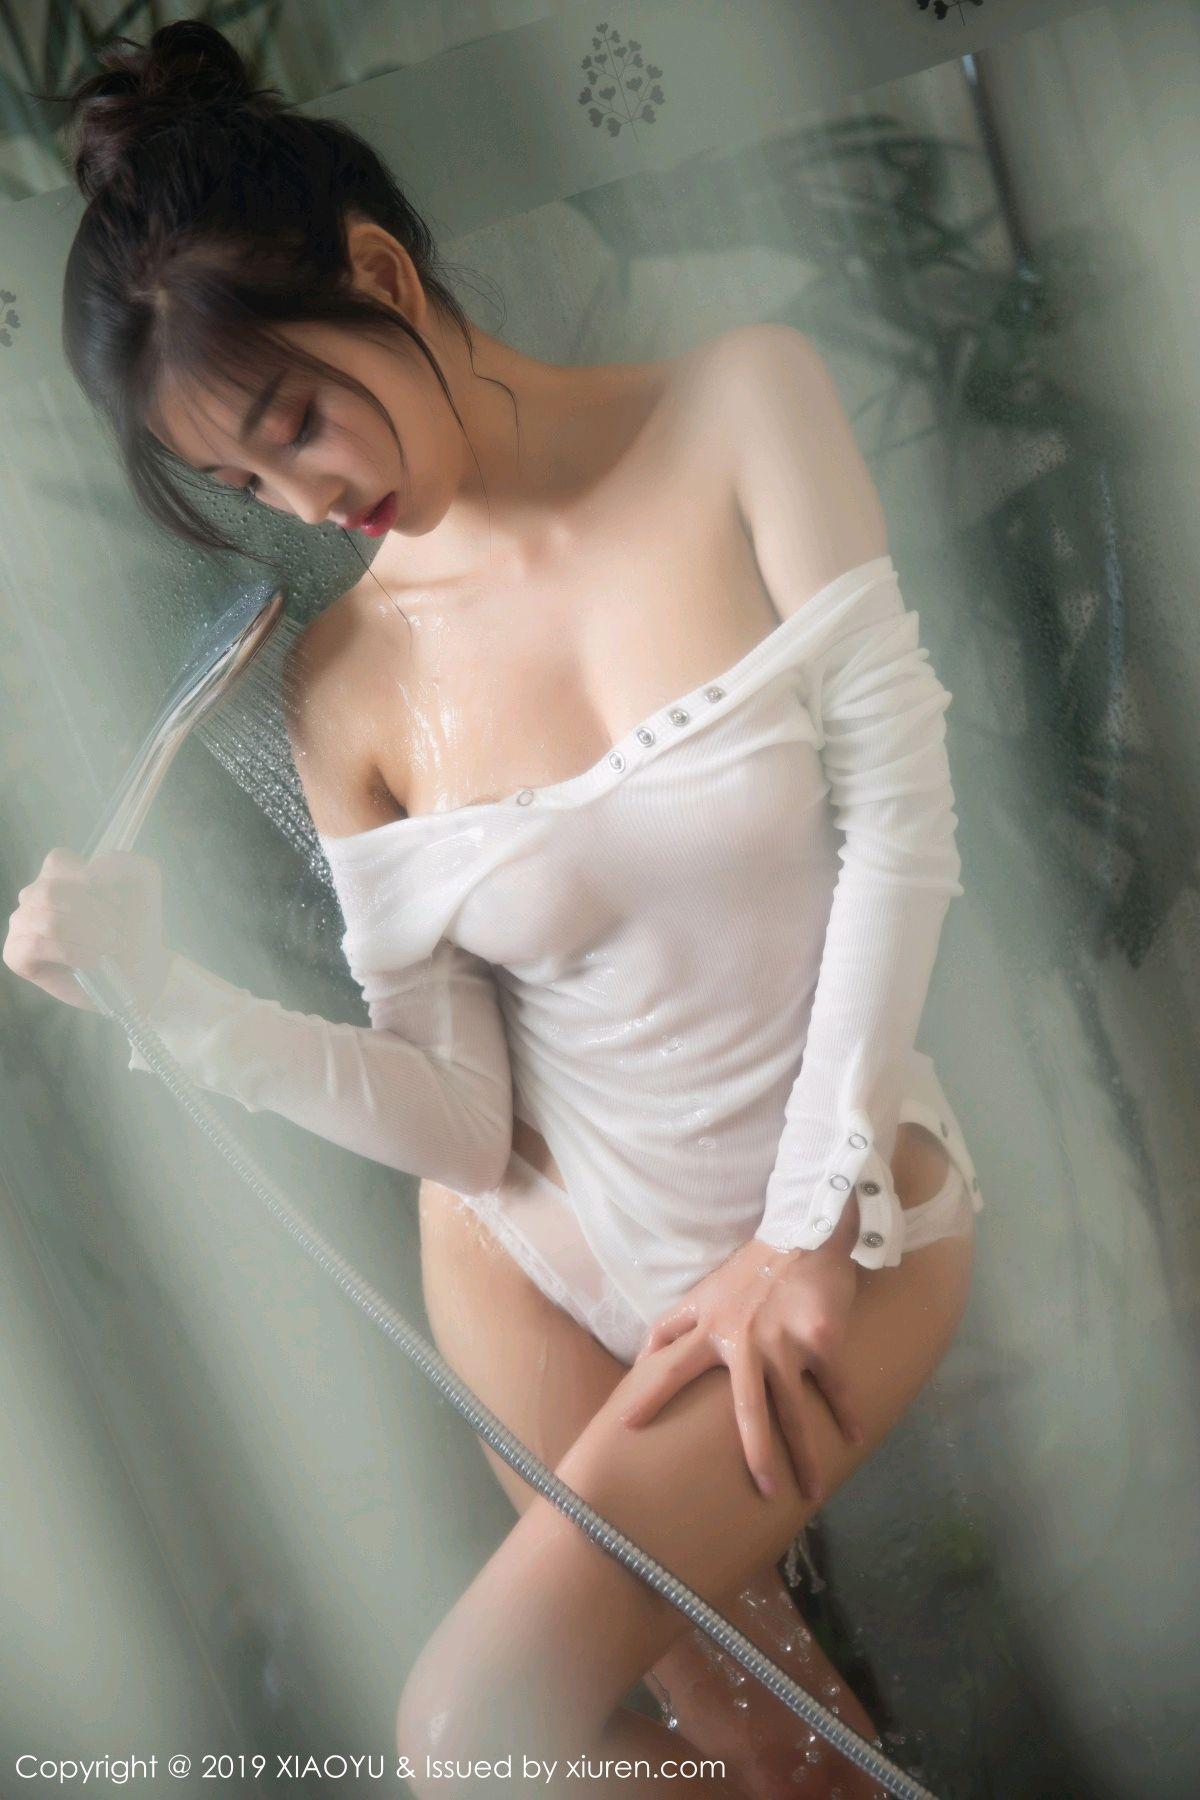 [XiaoYu] Vol.025 Yang Chen Chen 49P, Bathroom, Wet, XiaoYu, Yang Chen Chen